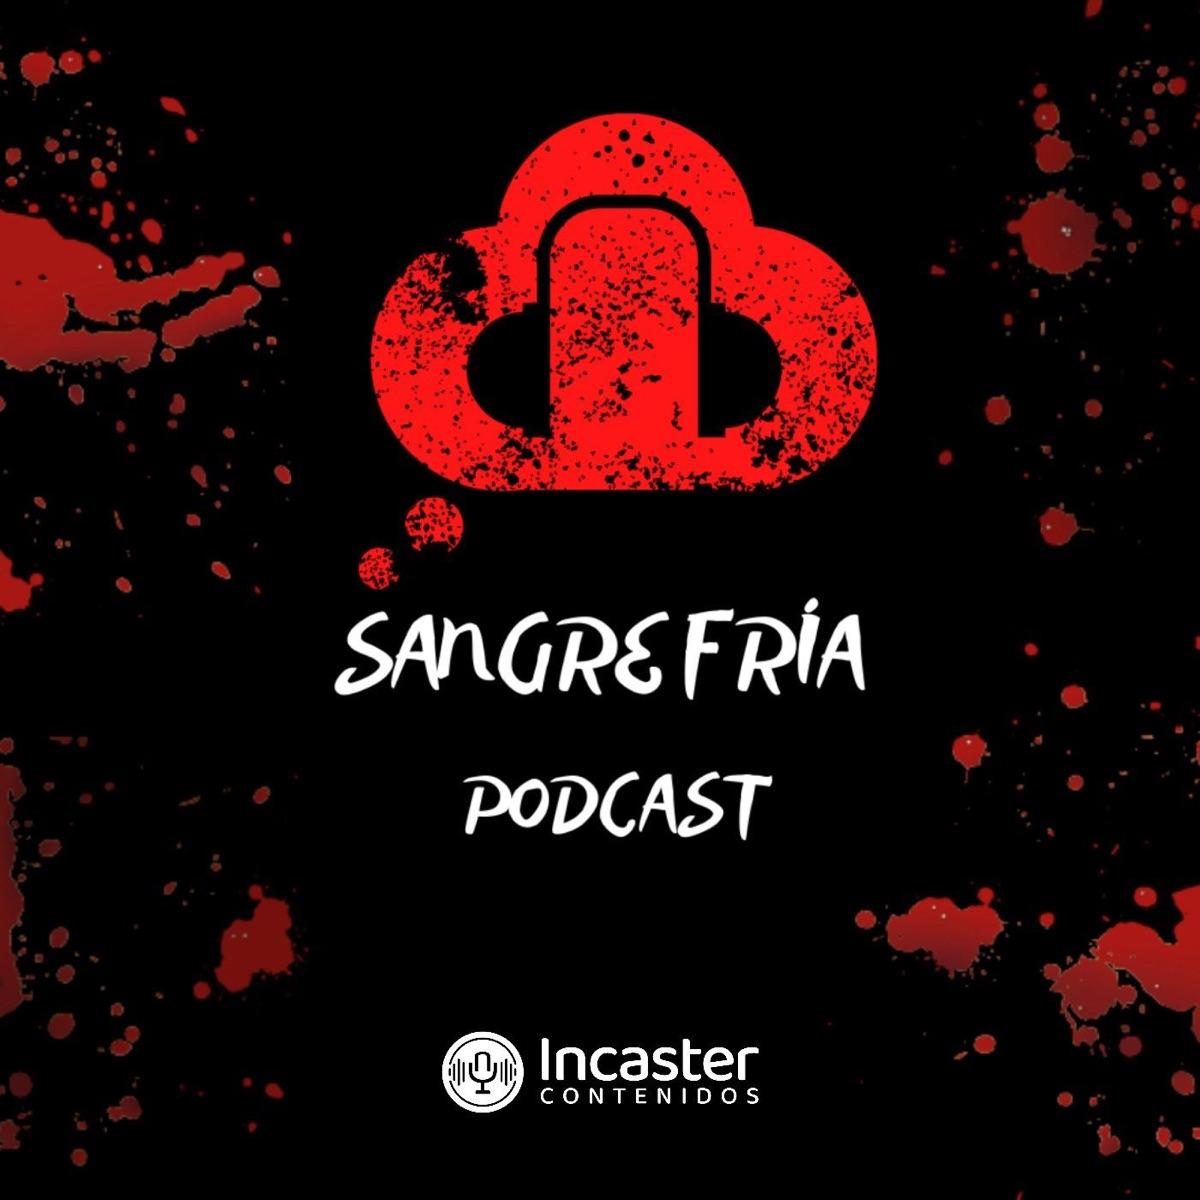 Sangre Fria Podcast